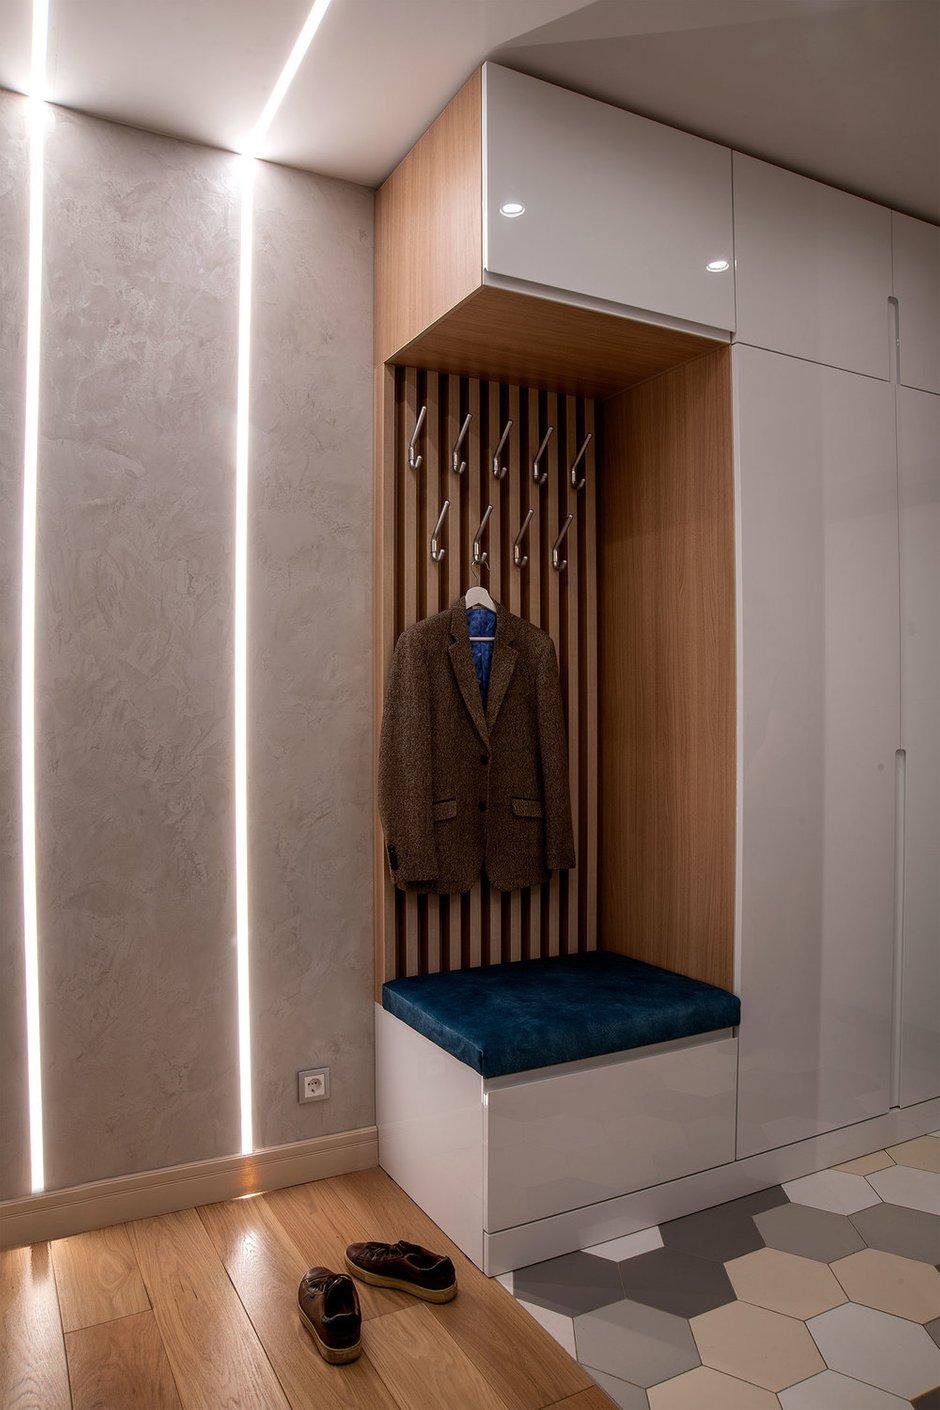 Шкаф в прихожей дополнили открытыми крючками для повседневной одежды.